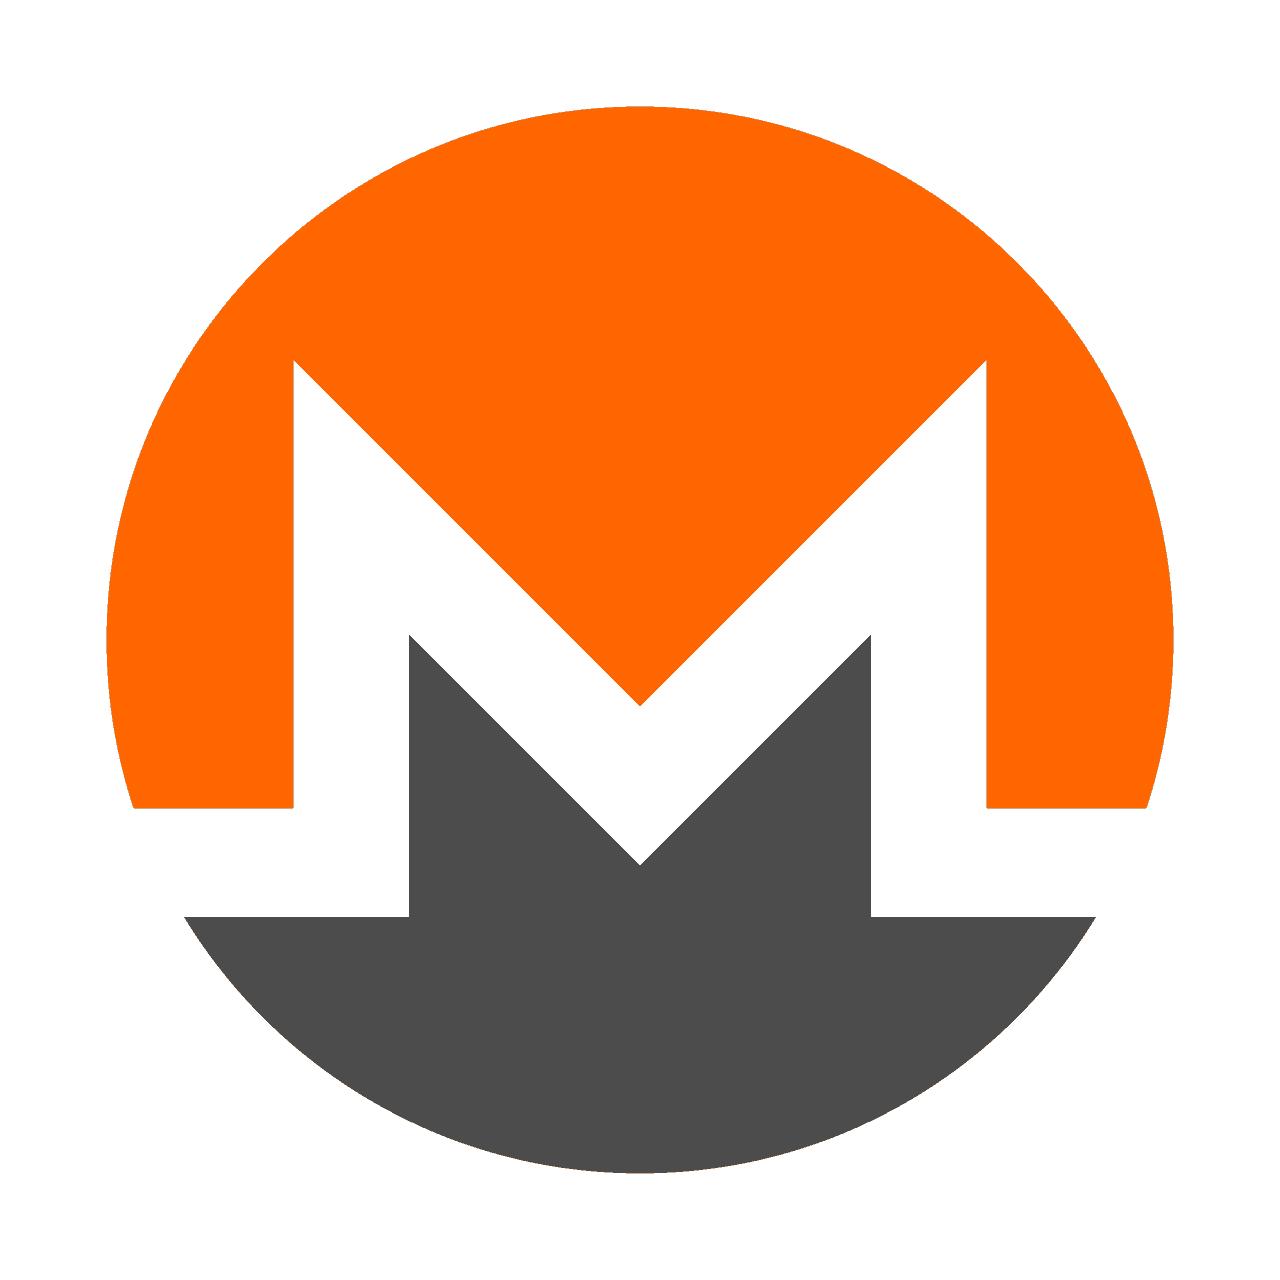 monero-2